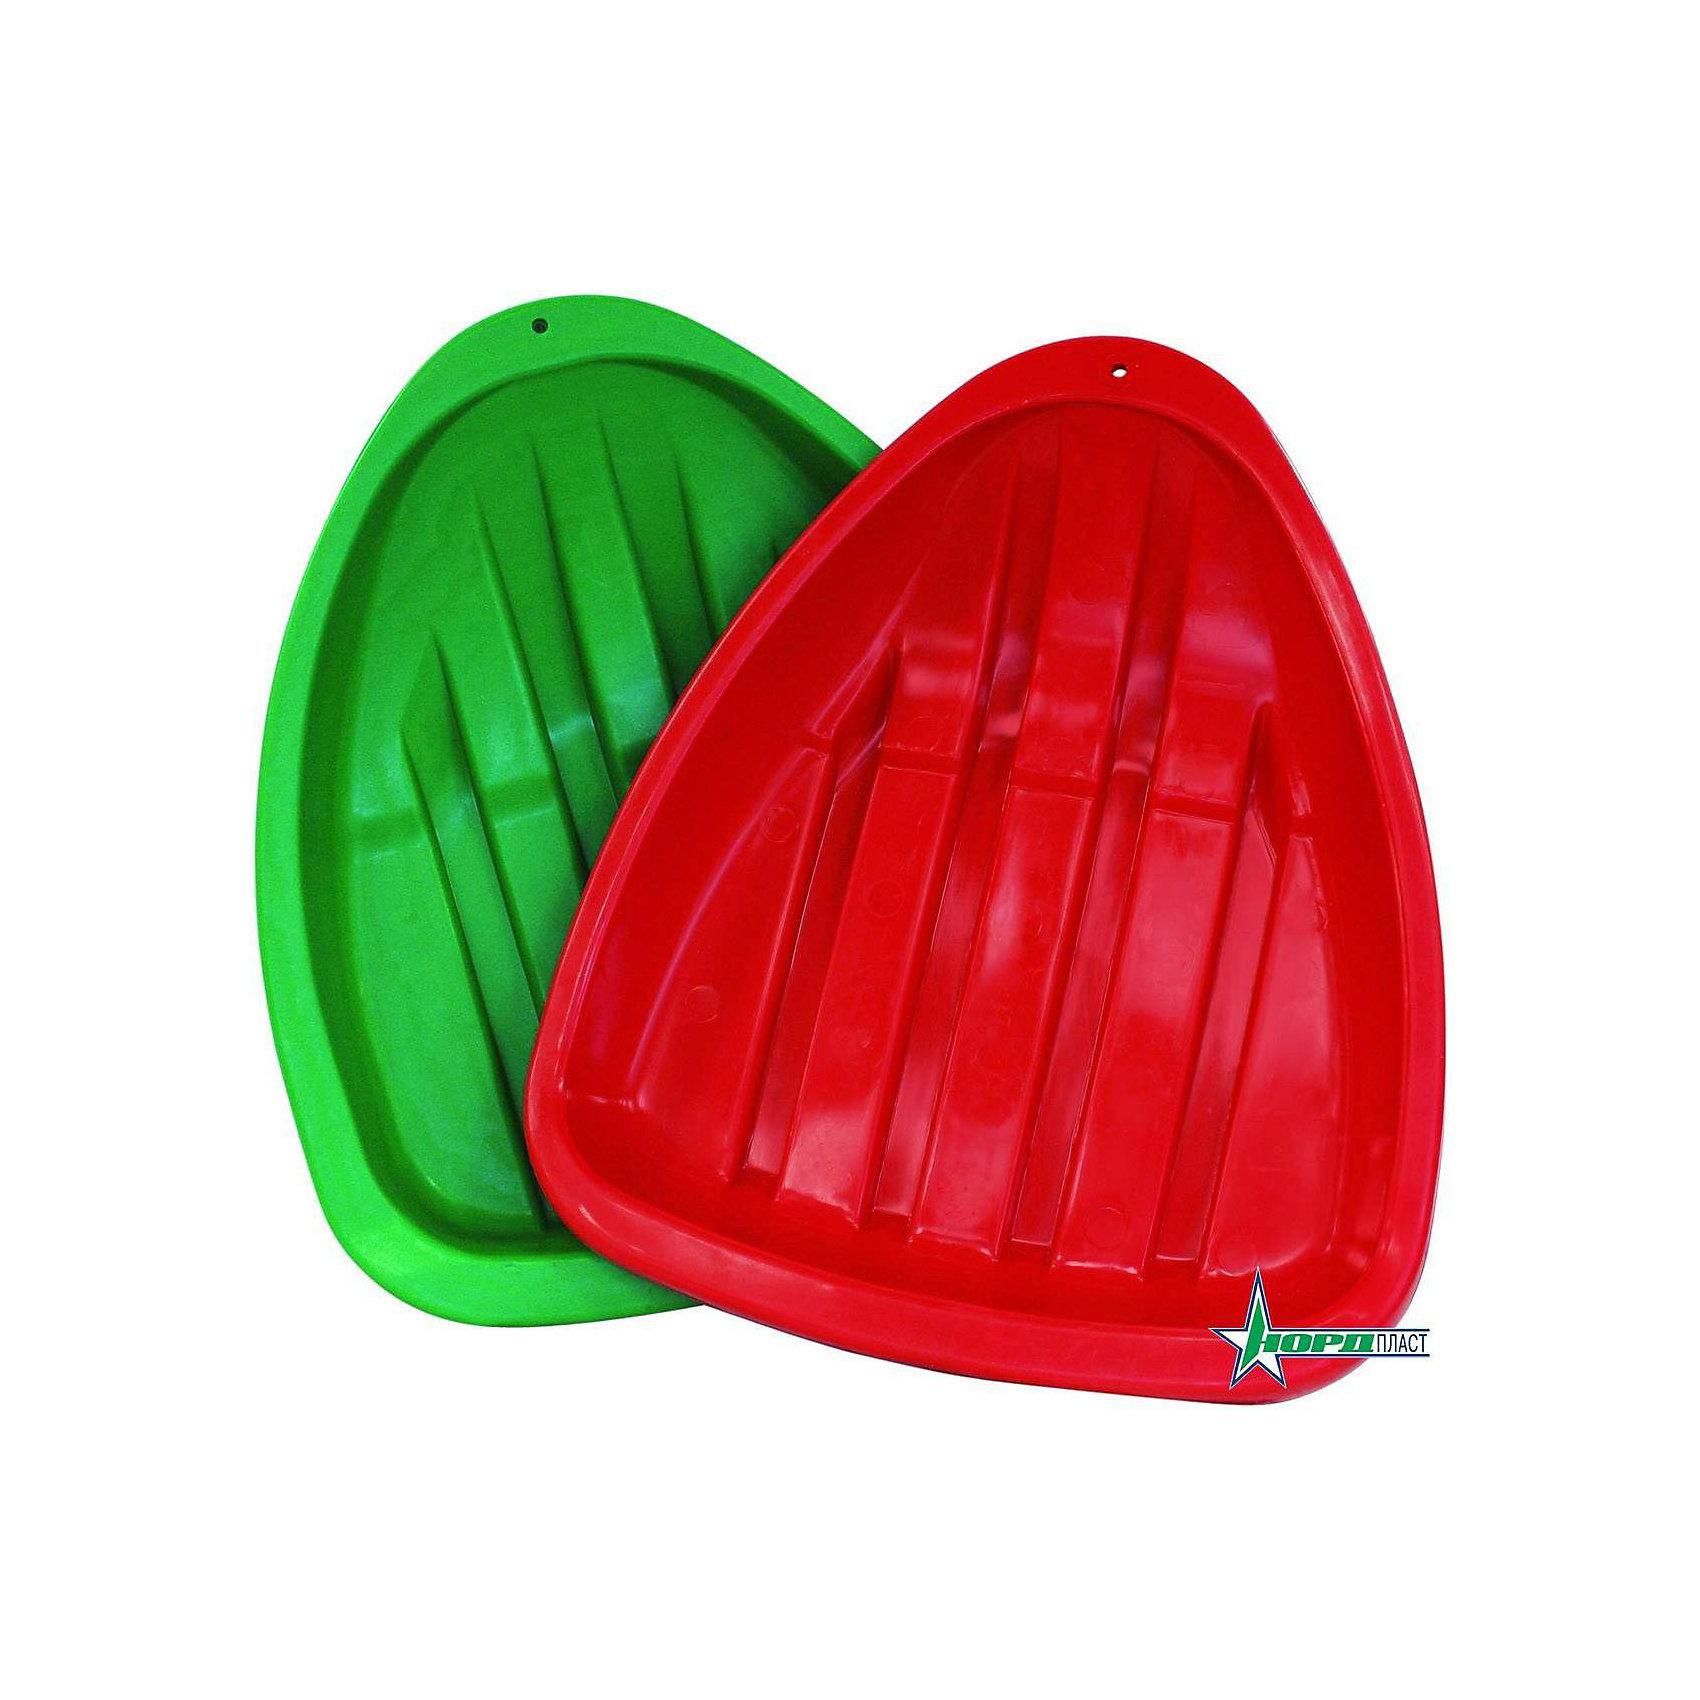 Ледянка, в ассортименте, НордпластЛедянки<br>Ледянка, NORDPLAST (Нордпласт) - незаменимый атрибут веселой зимы для Вашего ребенка! Ярки и удобные ледянки треугольной формы, предназначены для катания с ледяной горки.  С одной стороны санок-ледянок есть дырочка, чтобы можно было привязать веревочку для санок. Компания «Нордпласт» - крупнейший производитель детских пластмассовых игрушек. Ледянки, самые популярные зимние саночки, мало весят, стоят недорого, скользят ровно и быстро! <br><br>Дополнительная информация:<br><br>- Ледянки сделаны из прочного морозостойкого пластика; <br>- Кататься на ледянках можно при температуре до -40 градусов;<br>- Корпус салазок выполнен с рельефными полосками и имеет отверстие для веревочки;<br>- Размер ледянки: 43.5 х 37 см;<br>- Вес с упаковкой: 440 г.<br><br>ВНИМАНИЕ! Данный артикул имеется в наличии в разных цветовых исполнениях (красный, зеленый). К сожалению, заранее выбрать определенный цвет не возможно.<br><br>Ледянку, NORDPLAST (Нордпласт) можно купить в нашем интернет-магазине.<br><br>Ширина мм: 435<br>Глубина мм: 370<br>Высота мм: 80<br>Вес г: 440<br>Возраст от месяцев: 72<br>Возраст до месяцев: 168<br>Пол: Унисекс<br>Возраст: Детский<br>SKU: 3388628